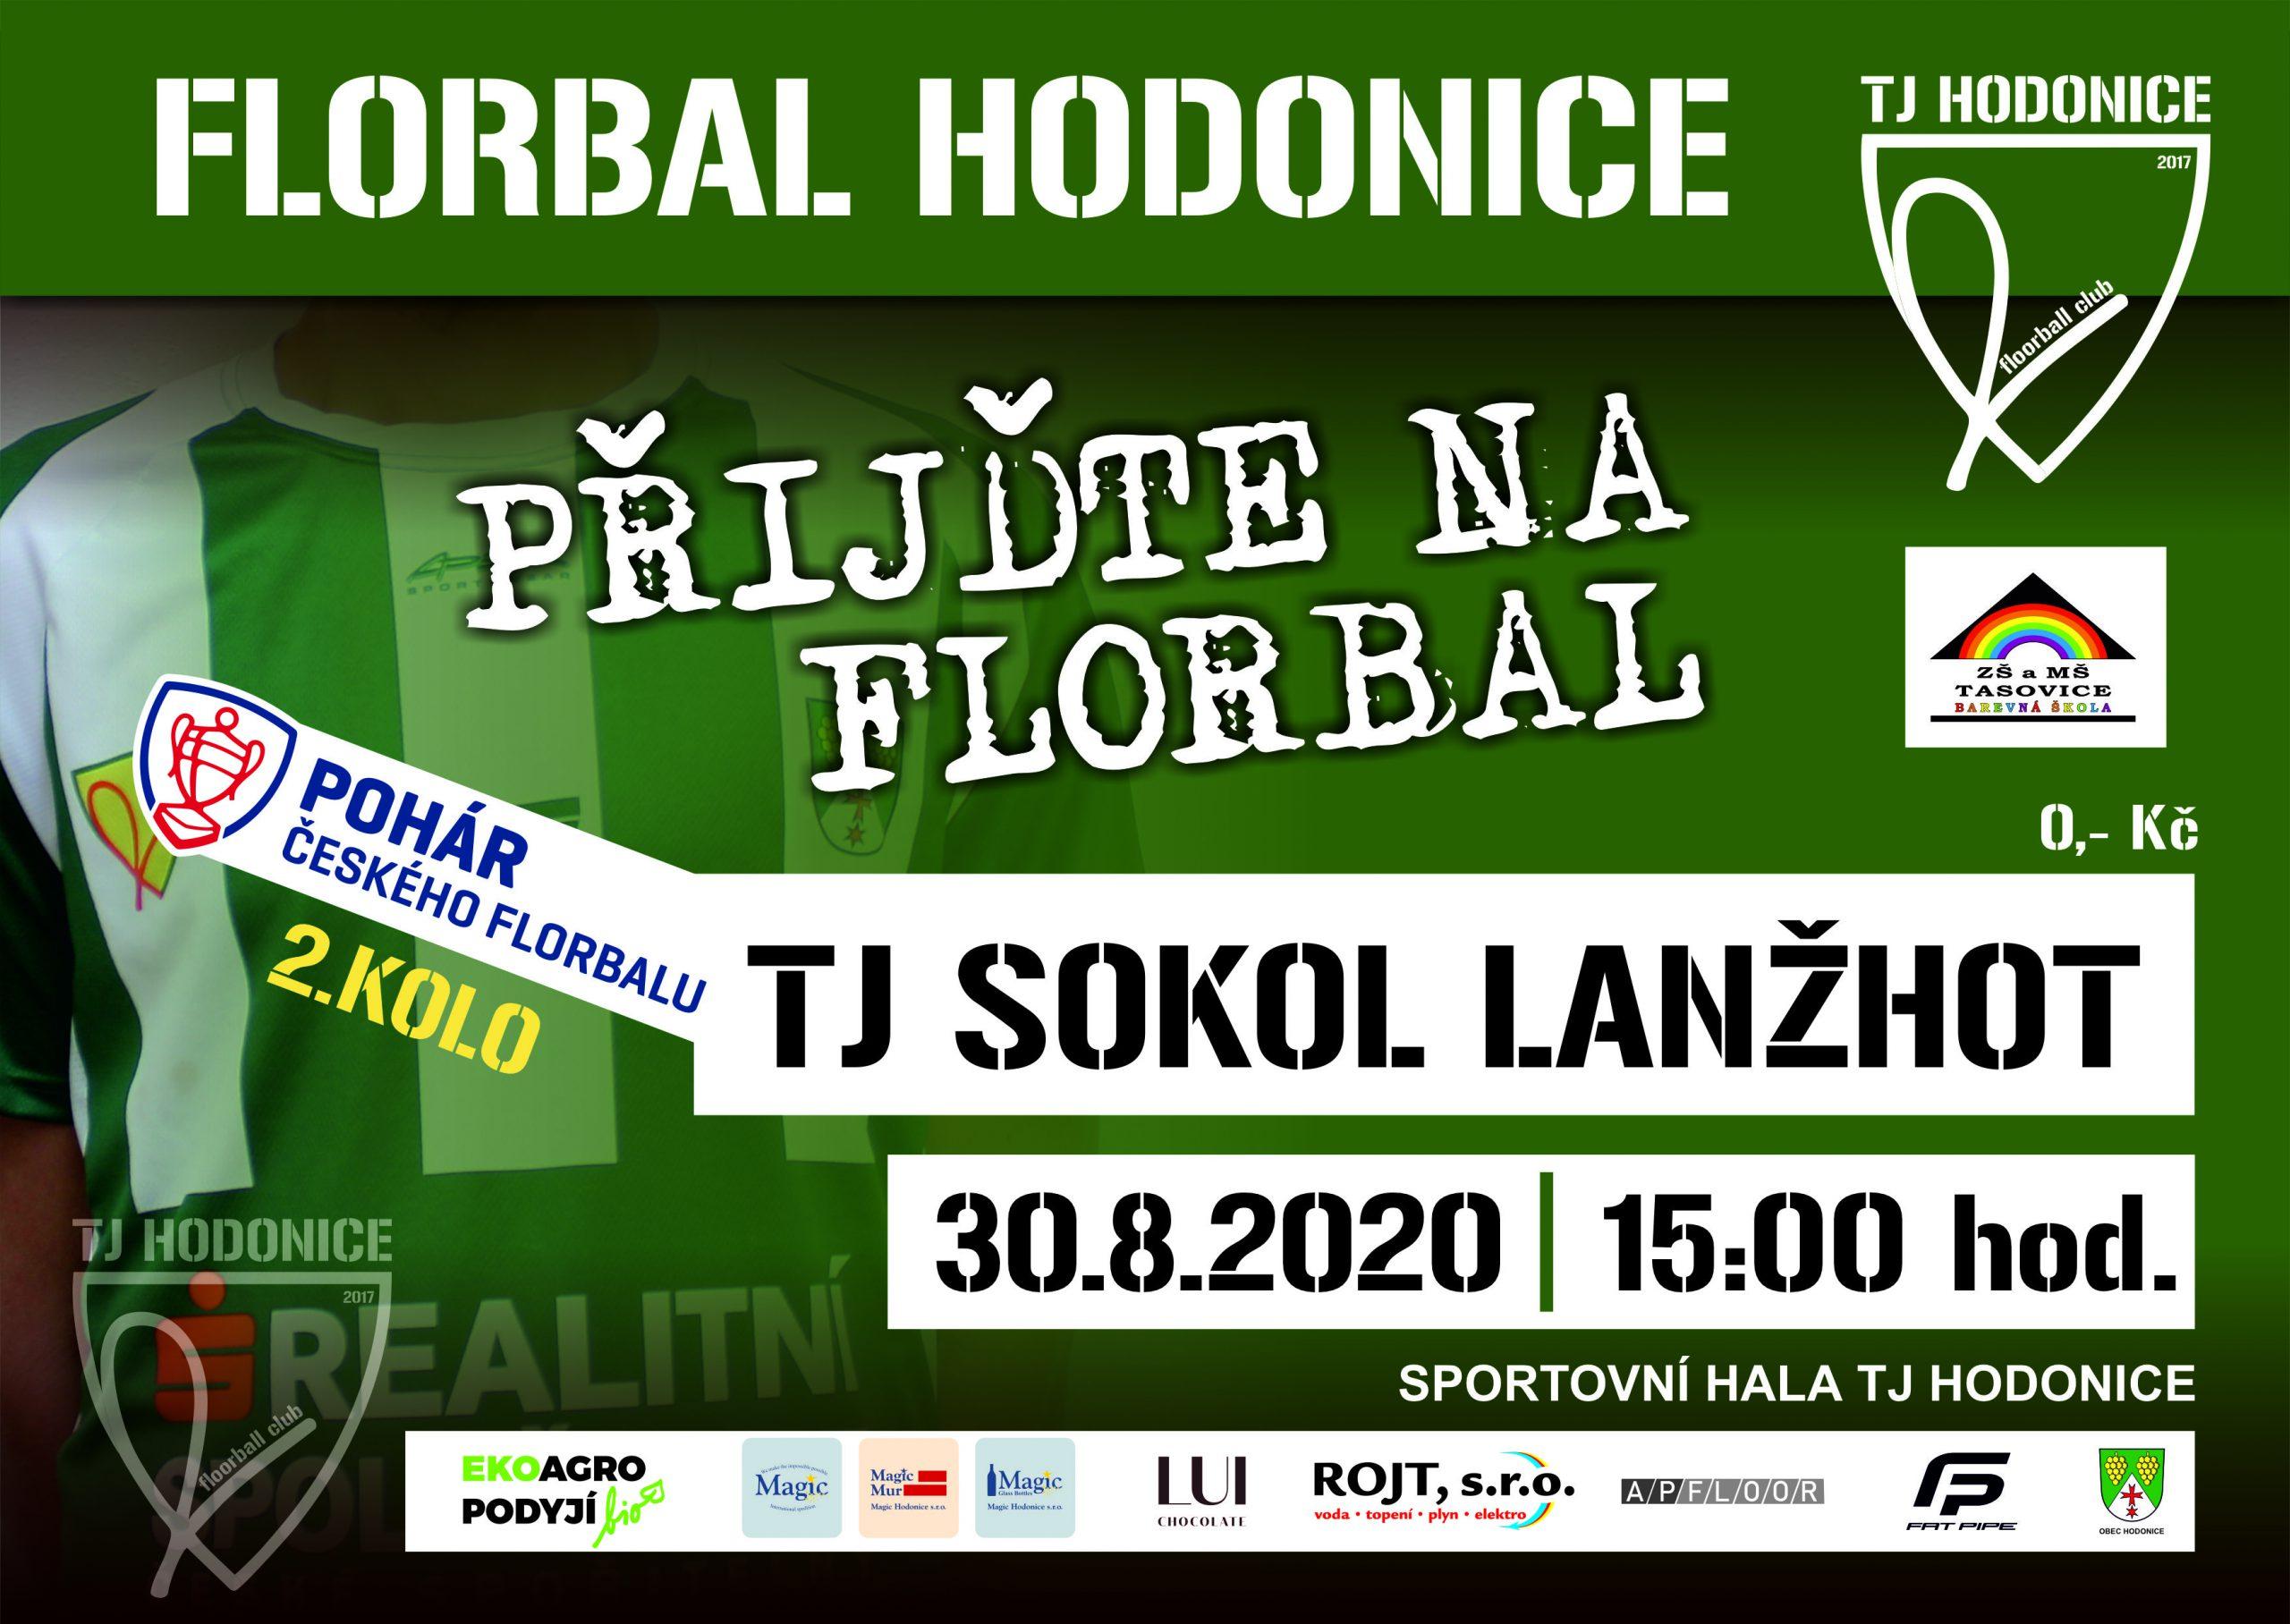 2.kolo Poháru Českého florbalu